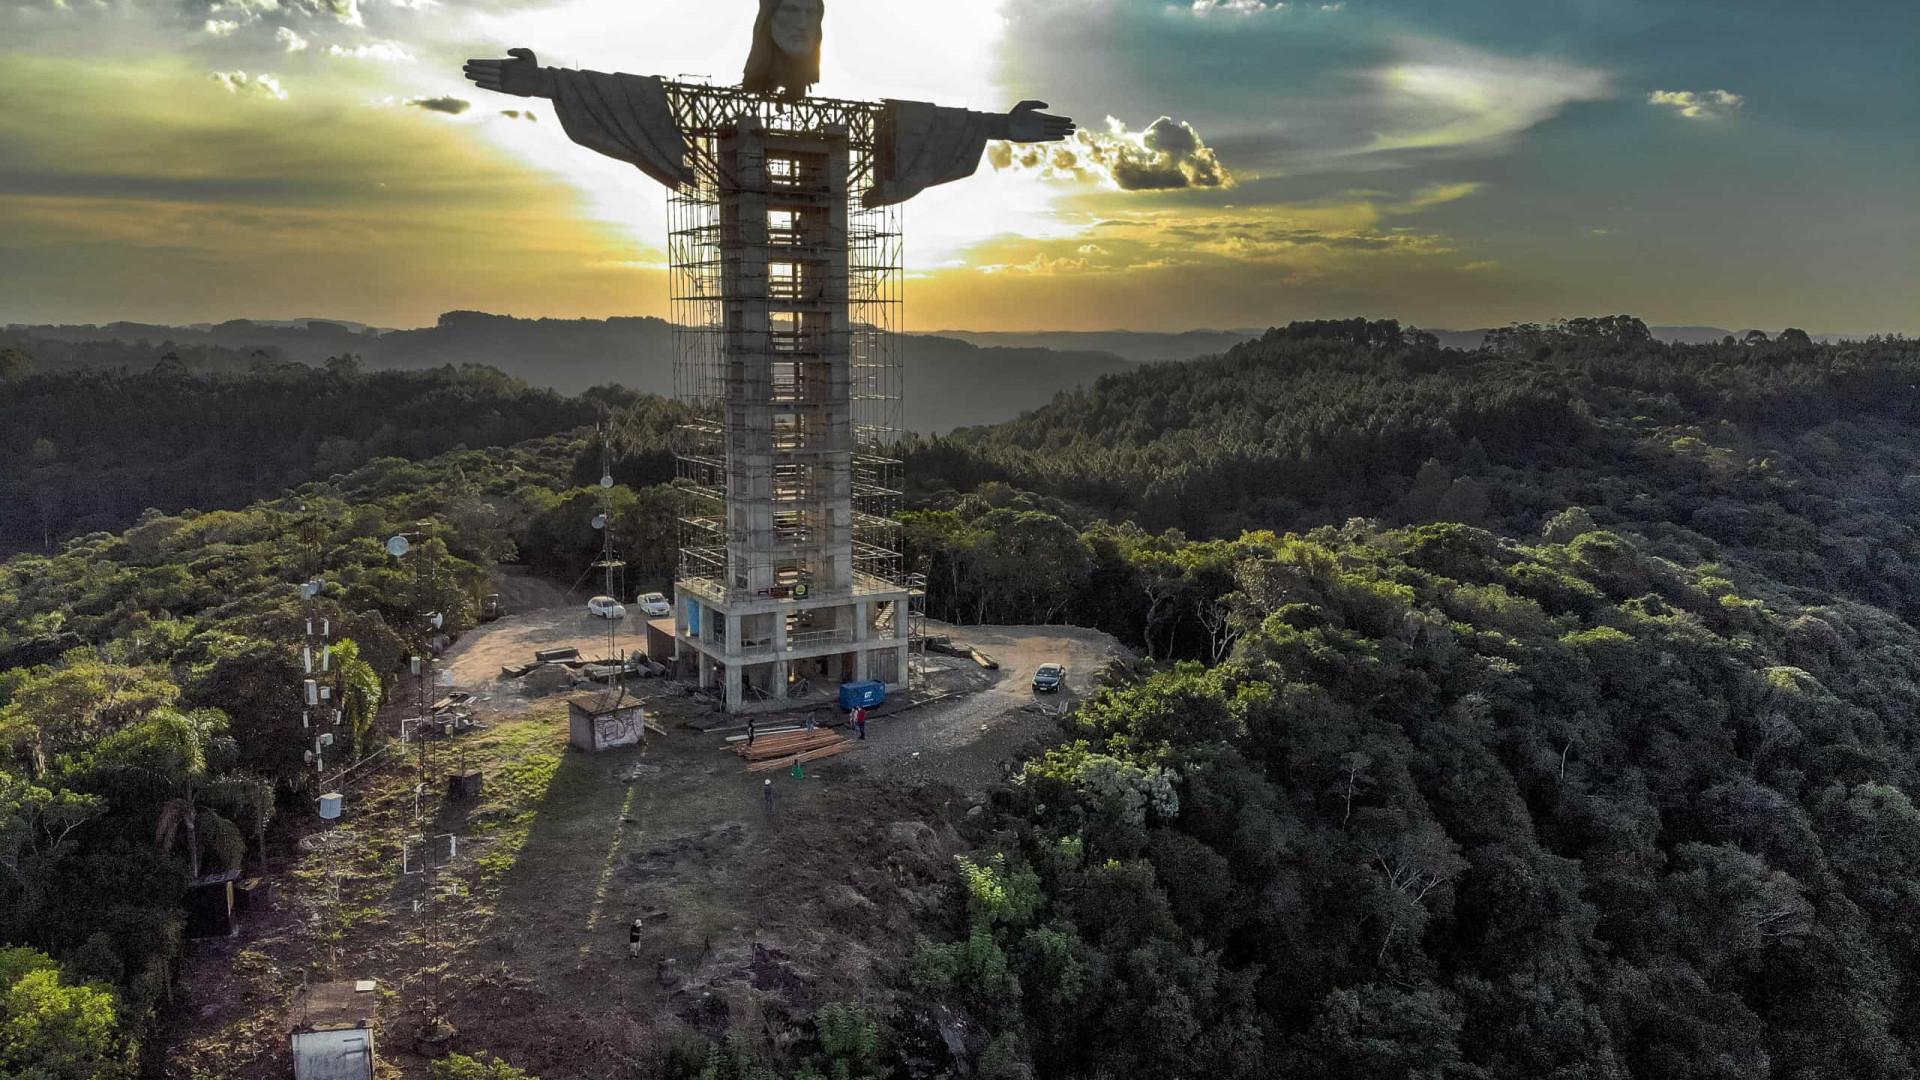 Brasil está a erguer um novo Cristo. Promete ser o maior do país